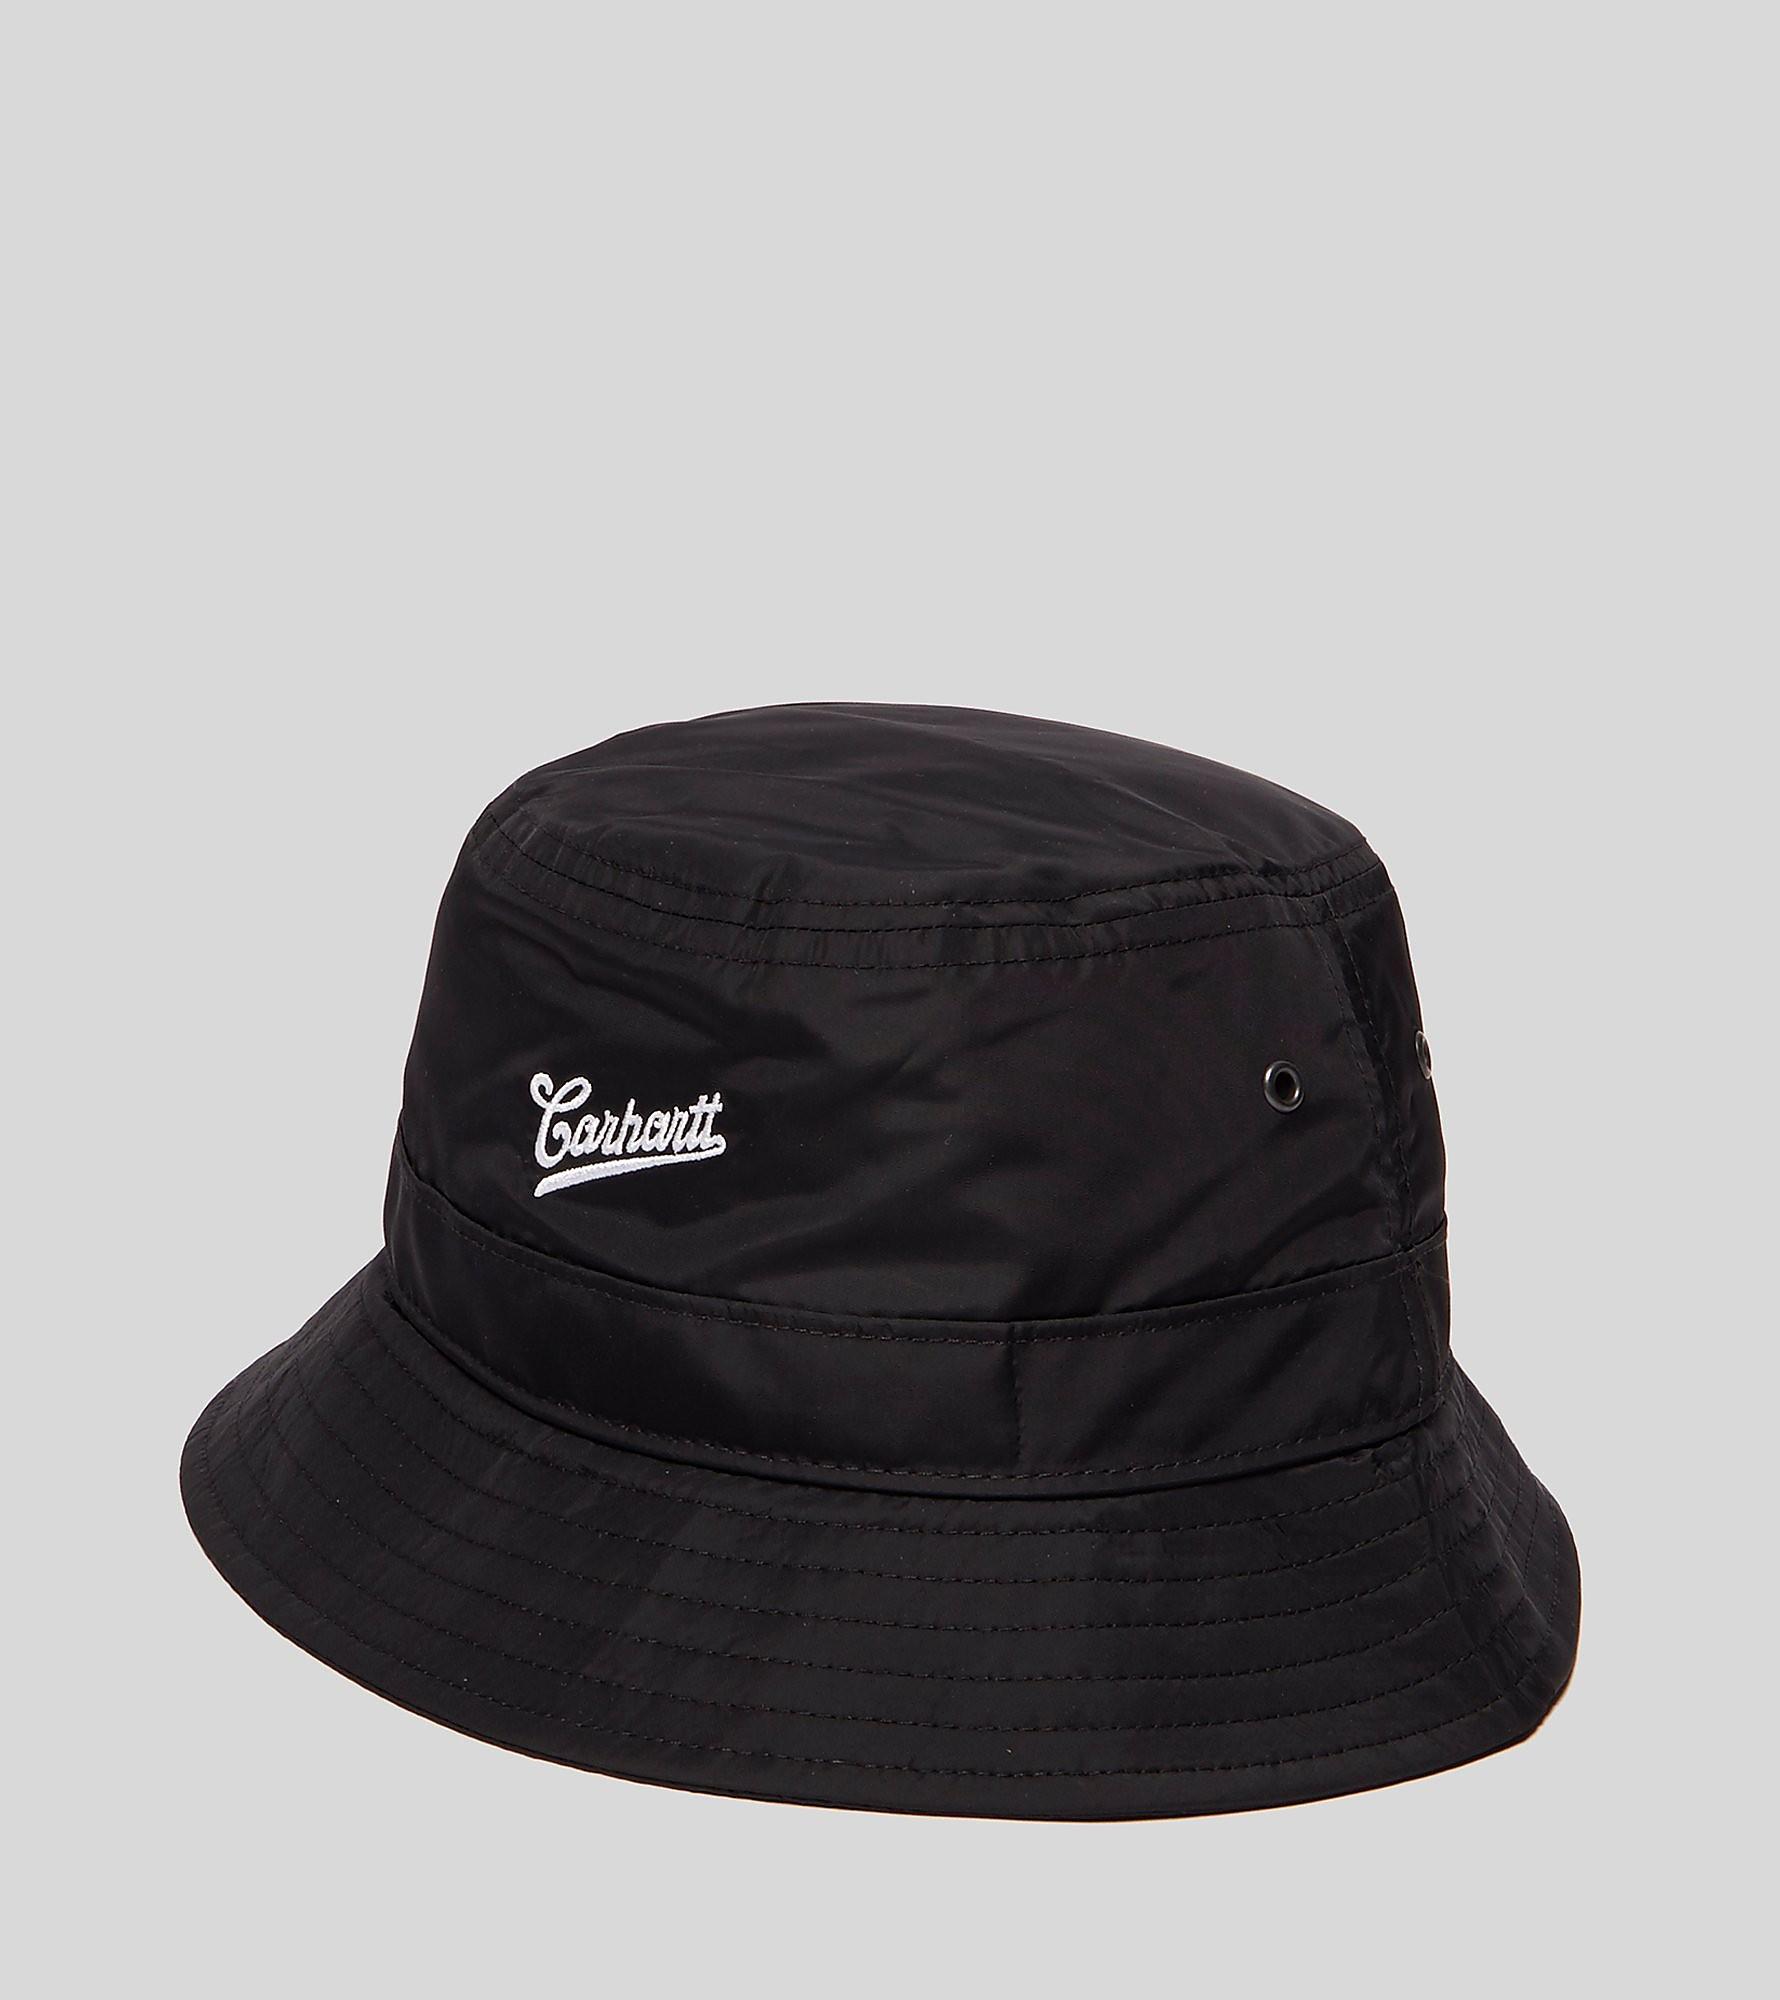 Carhartt WIP Strike Bucket Hat